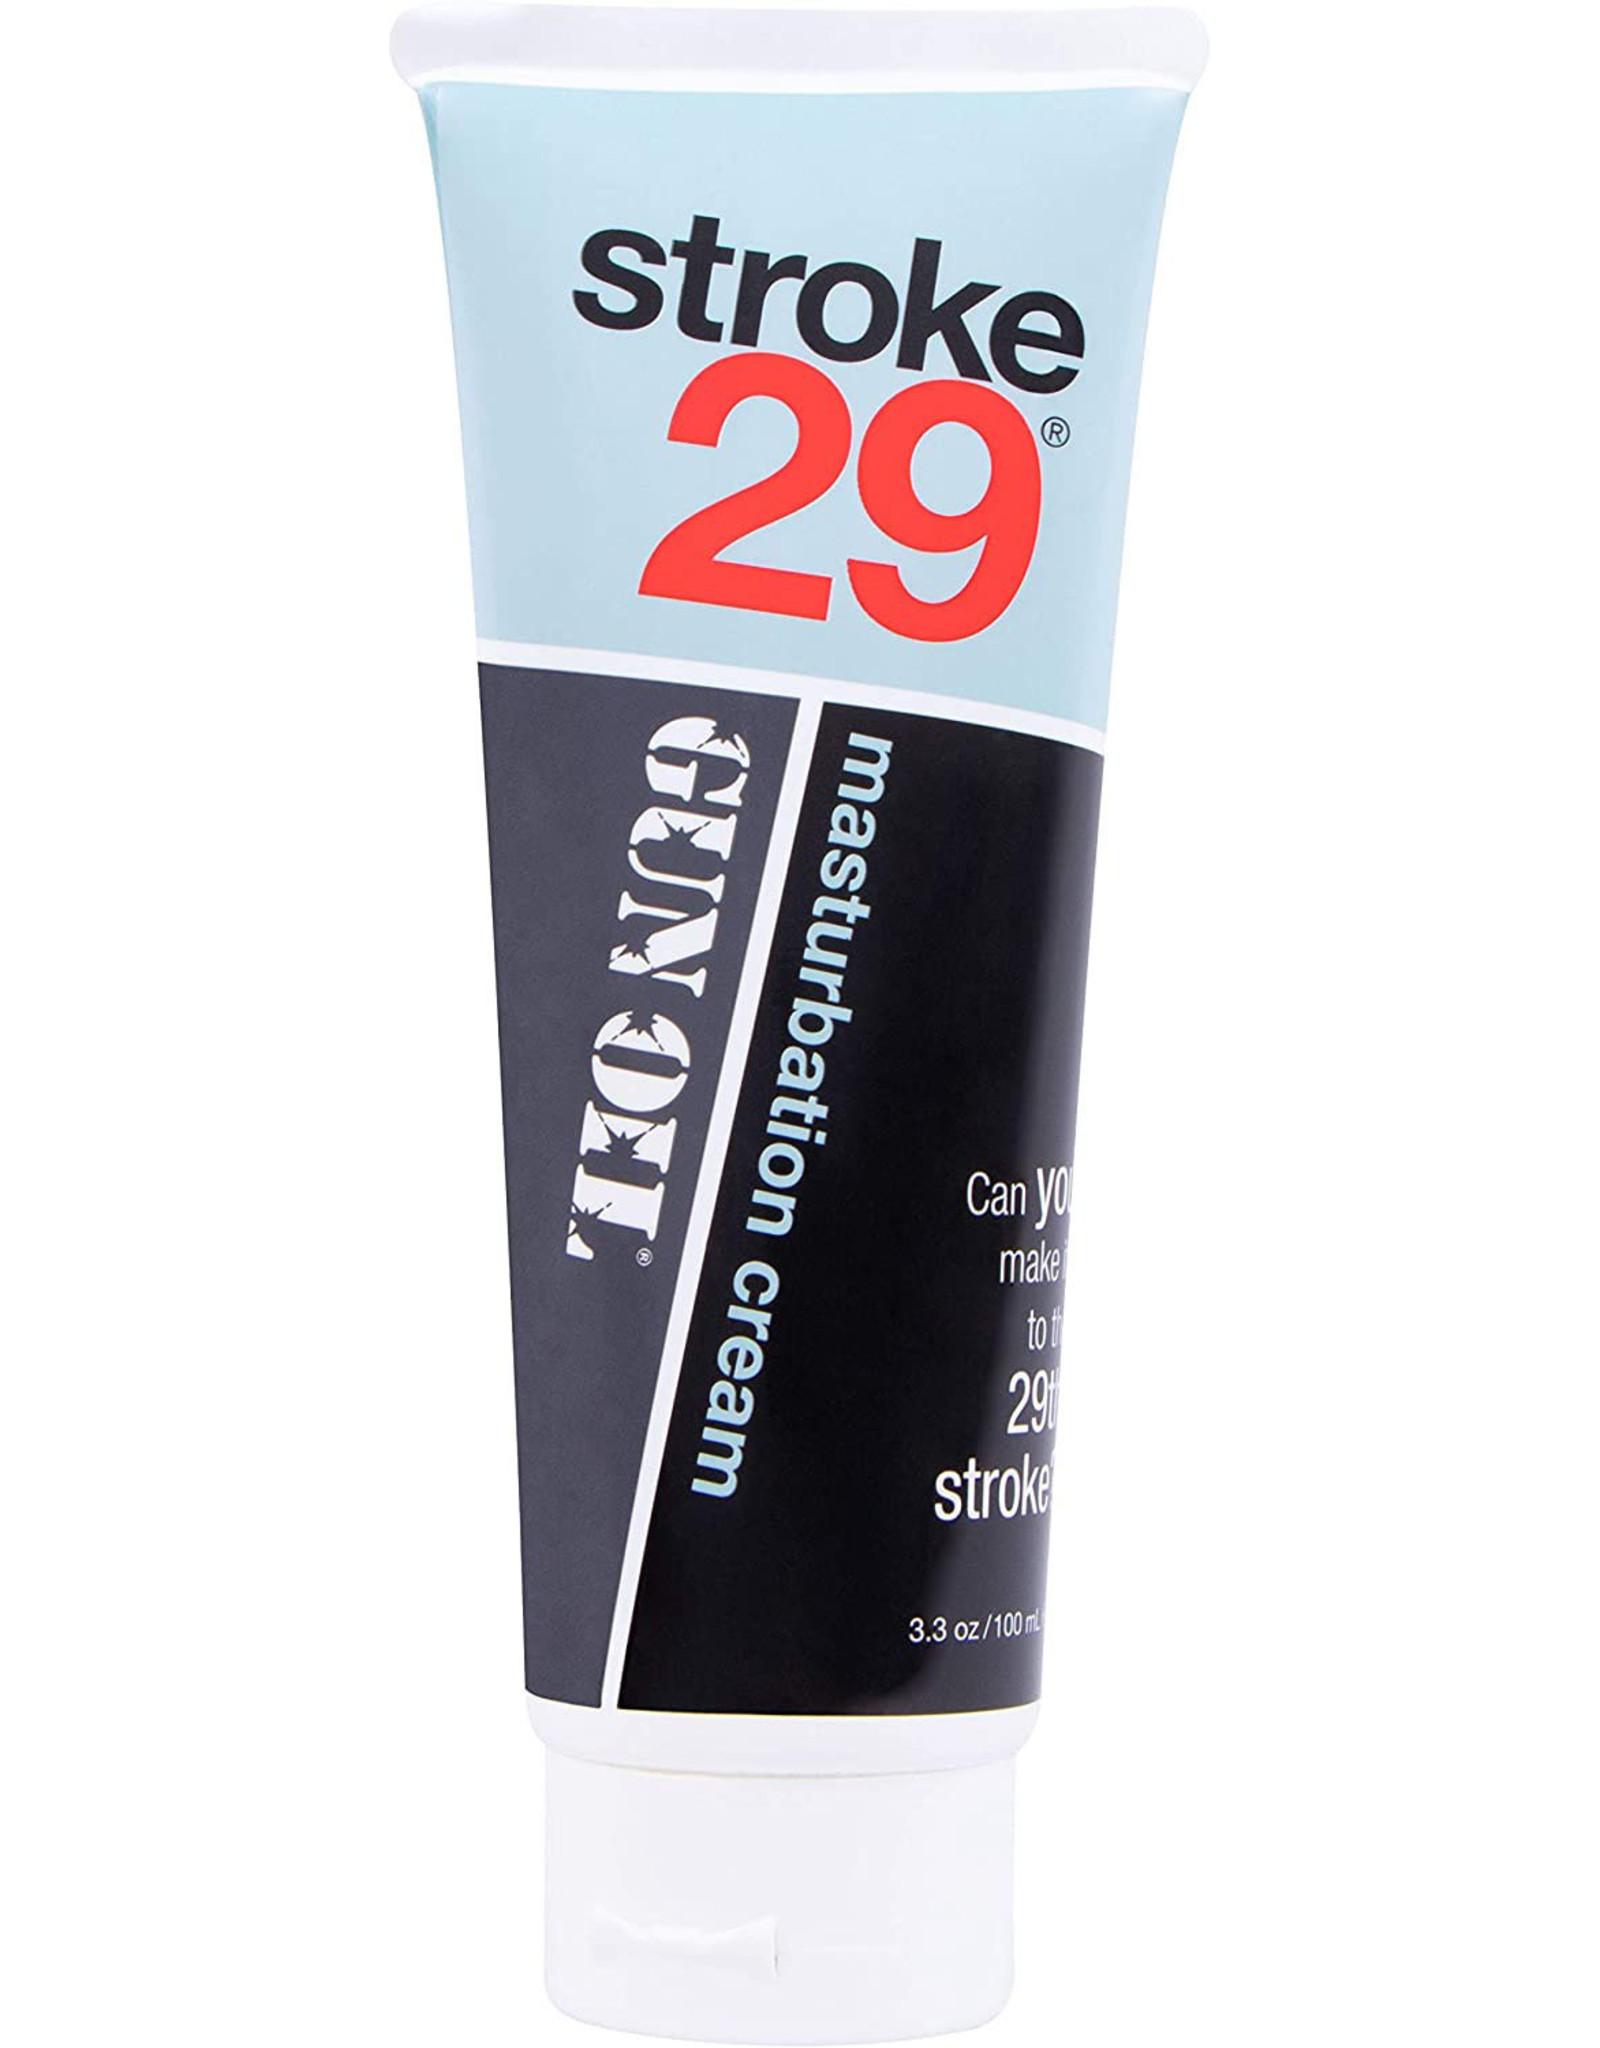 Stroke 29 Oil